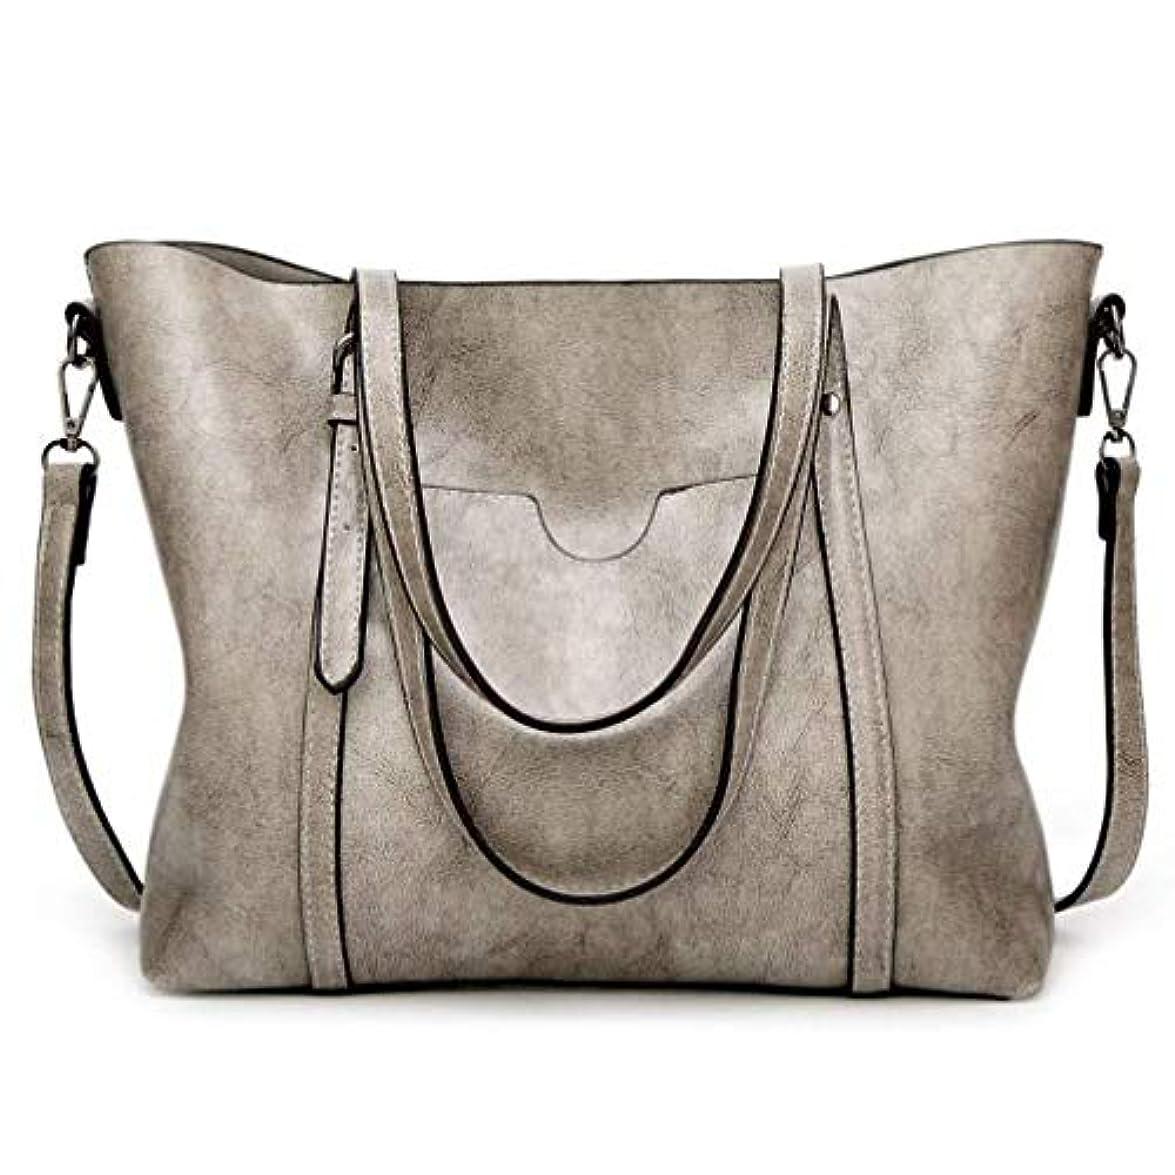 TcIFE ハンドバッグ レディース トートバッグ 大容量 無地 ショルダーバッグ 2way シンプル バッグ